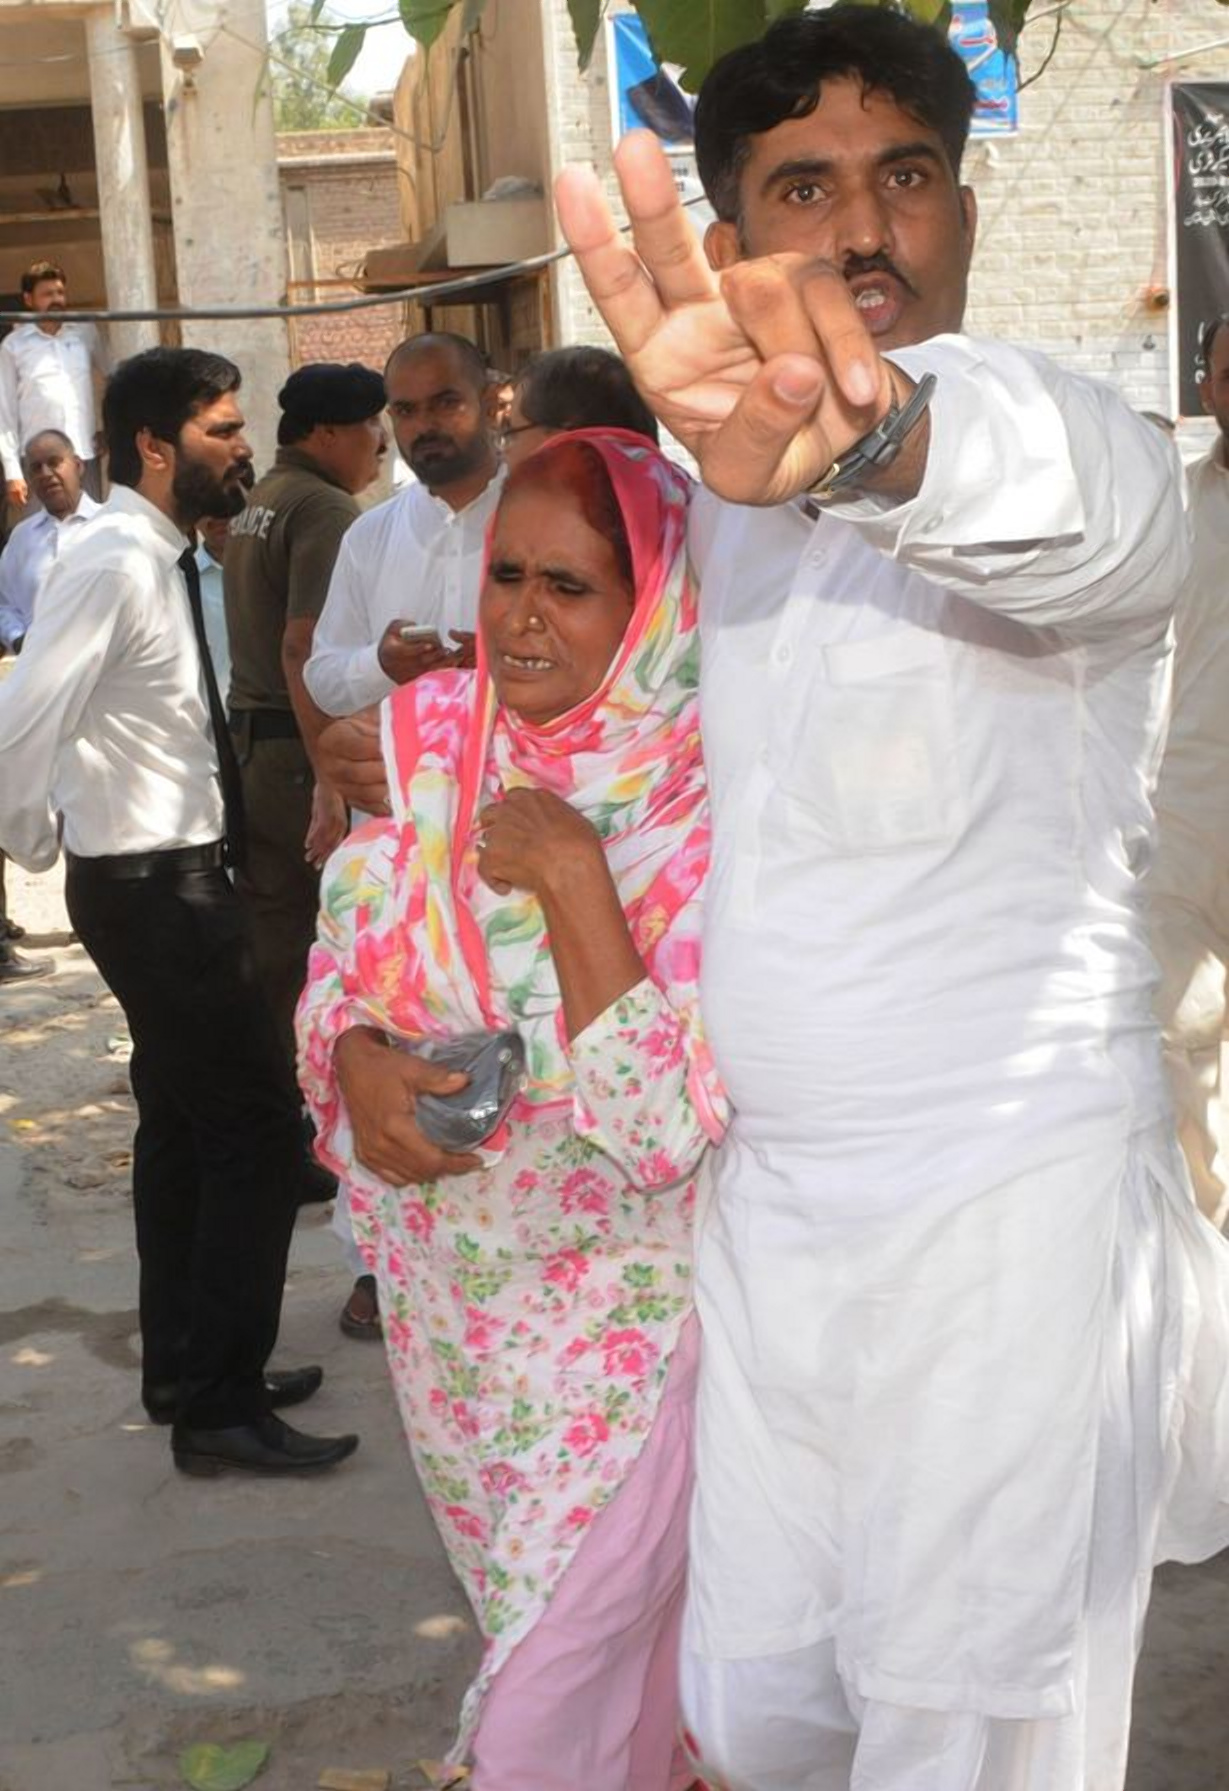 Фото: FAISAL KAREEM /EPA / Мать жертвы убийства и её брат-убийца реагируют после вынесения приговора /